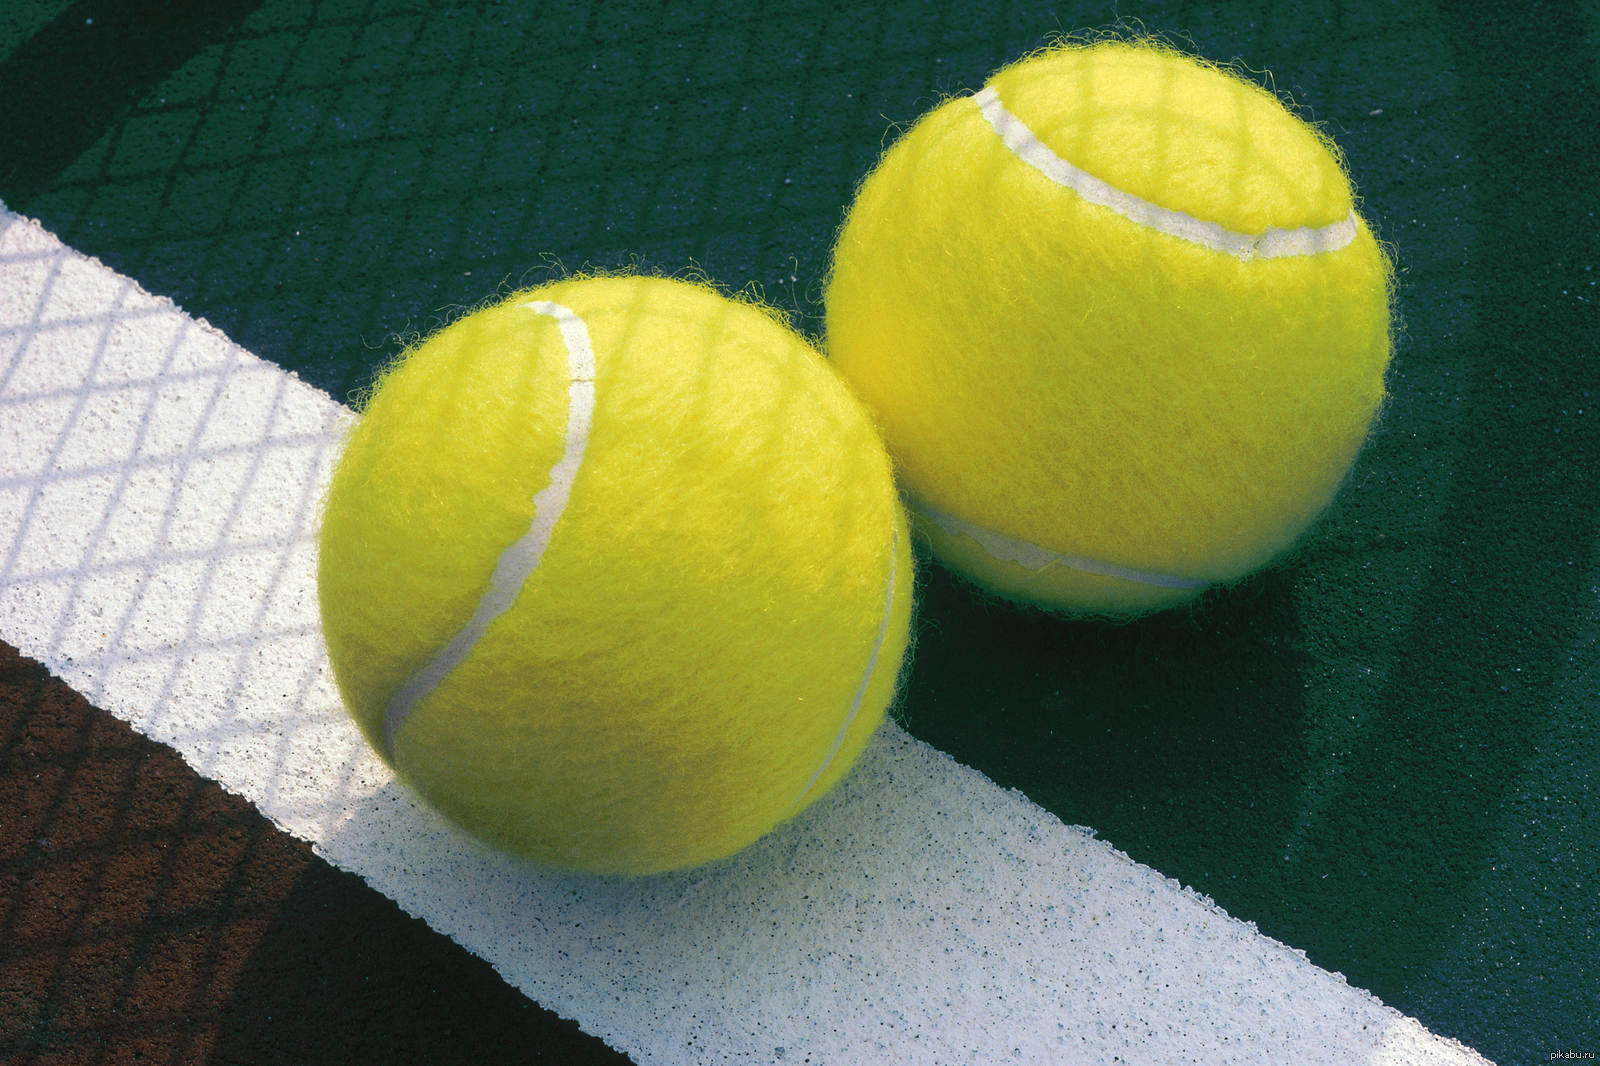 Теннисный мяч в попе фото 14 фотография